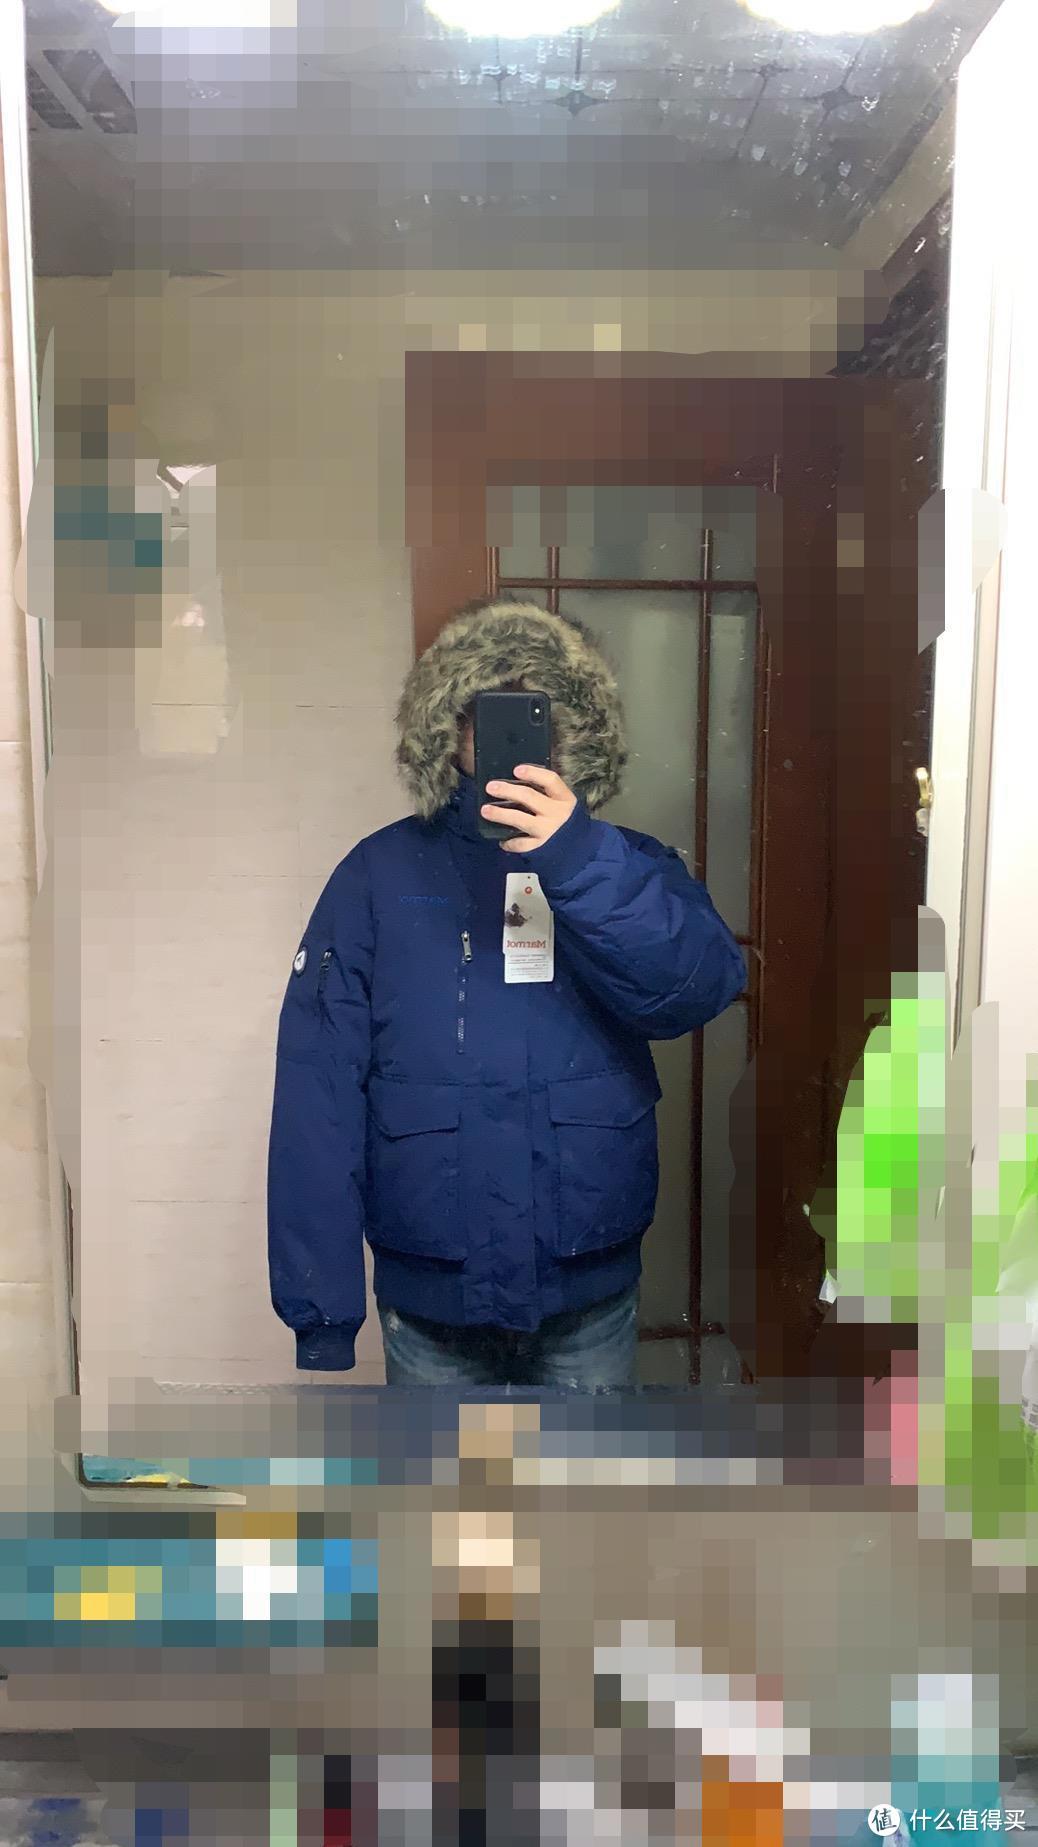 marmot土拨鼠2019秋冬新款户外拒水男士鹅绒保暖毛领羽绒服入手晒单